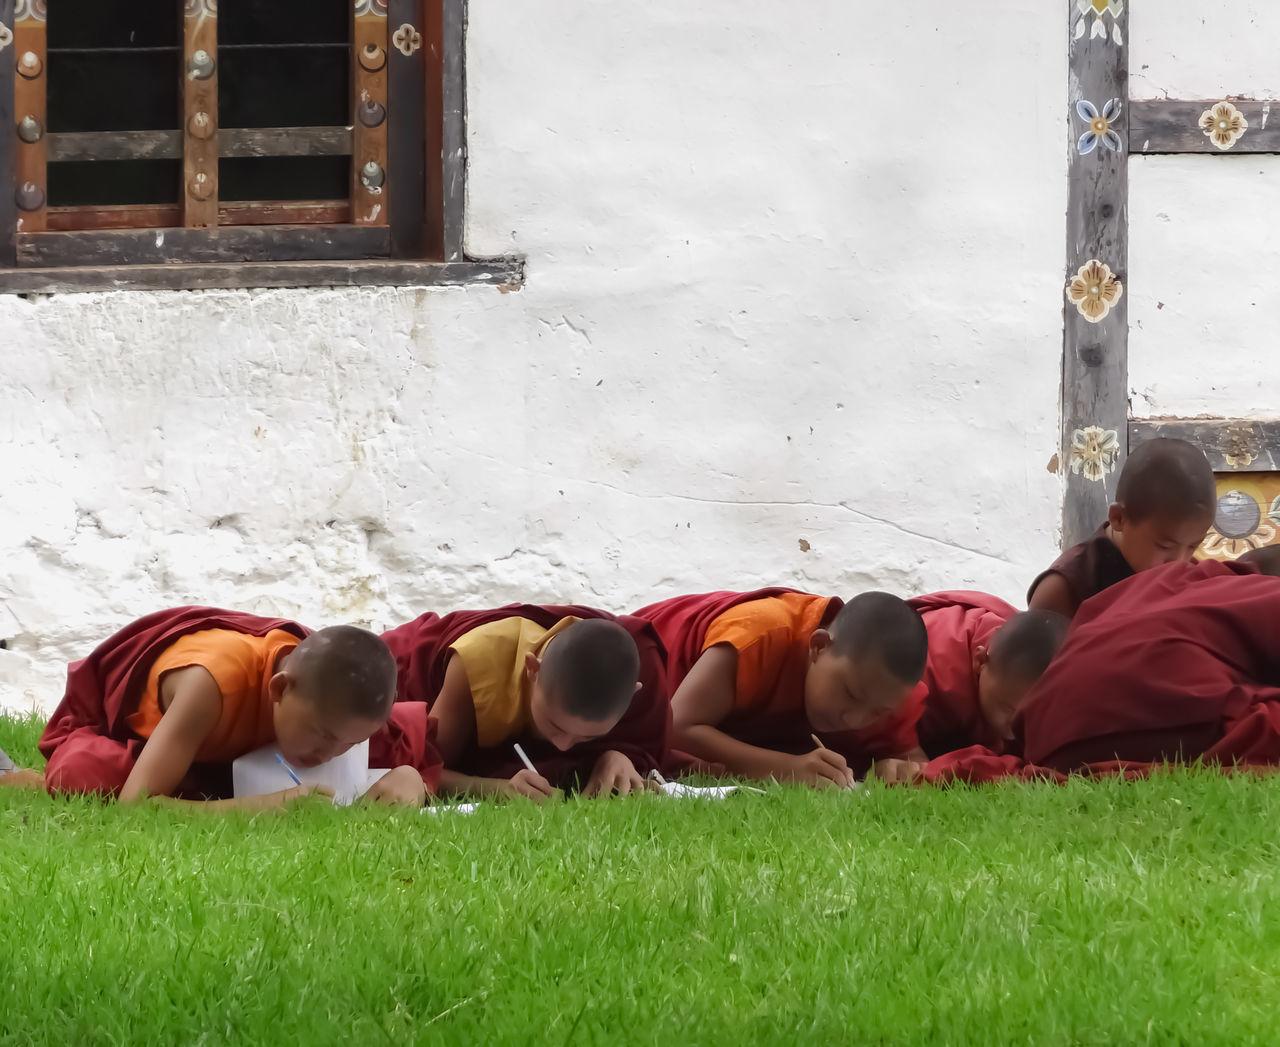 Bhuddhism Bhuddism Bhuddist Bhuddist Temple Bhuddisttemple Bhudha Bhudist Bhutan Bhutanese Boys BoysBoysBoys Day Monk  Monks Novic Novice Novice Monk Novice Monks Novice Photography Novicephotograph Novicephotographer Novices Novices... Outdoors People